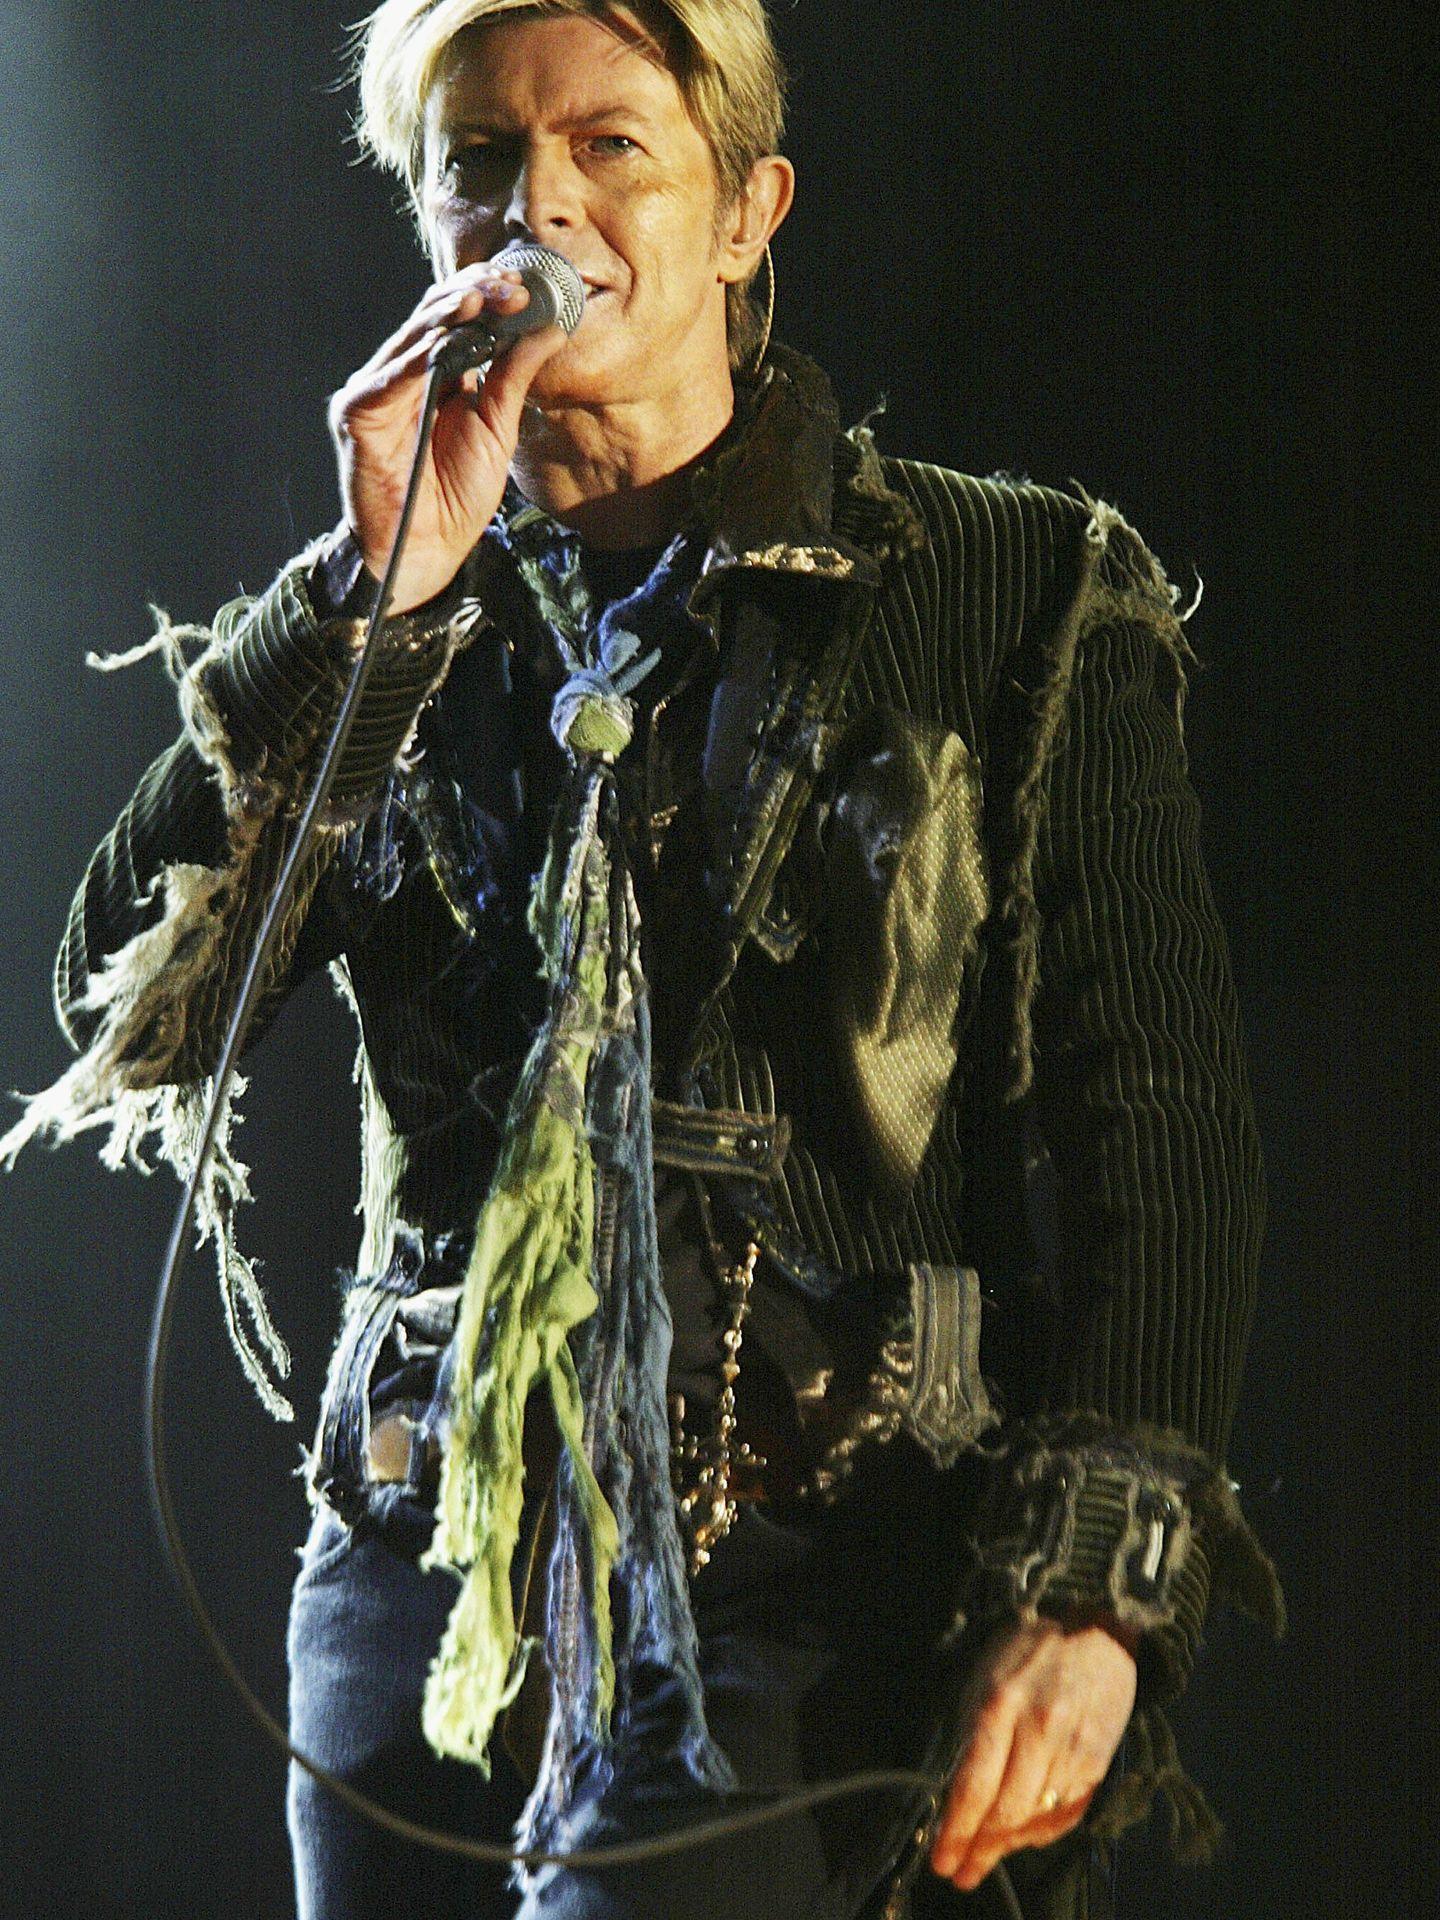 David Bowie en un concierto en el año 2004 (Foto de Jo Hale/Getty Images).